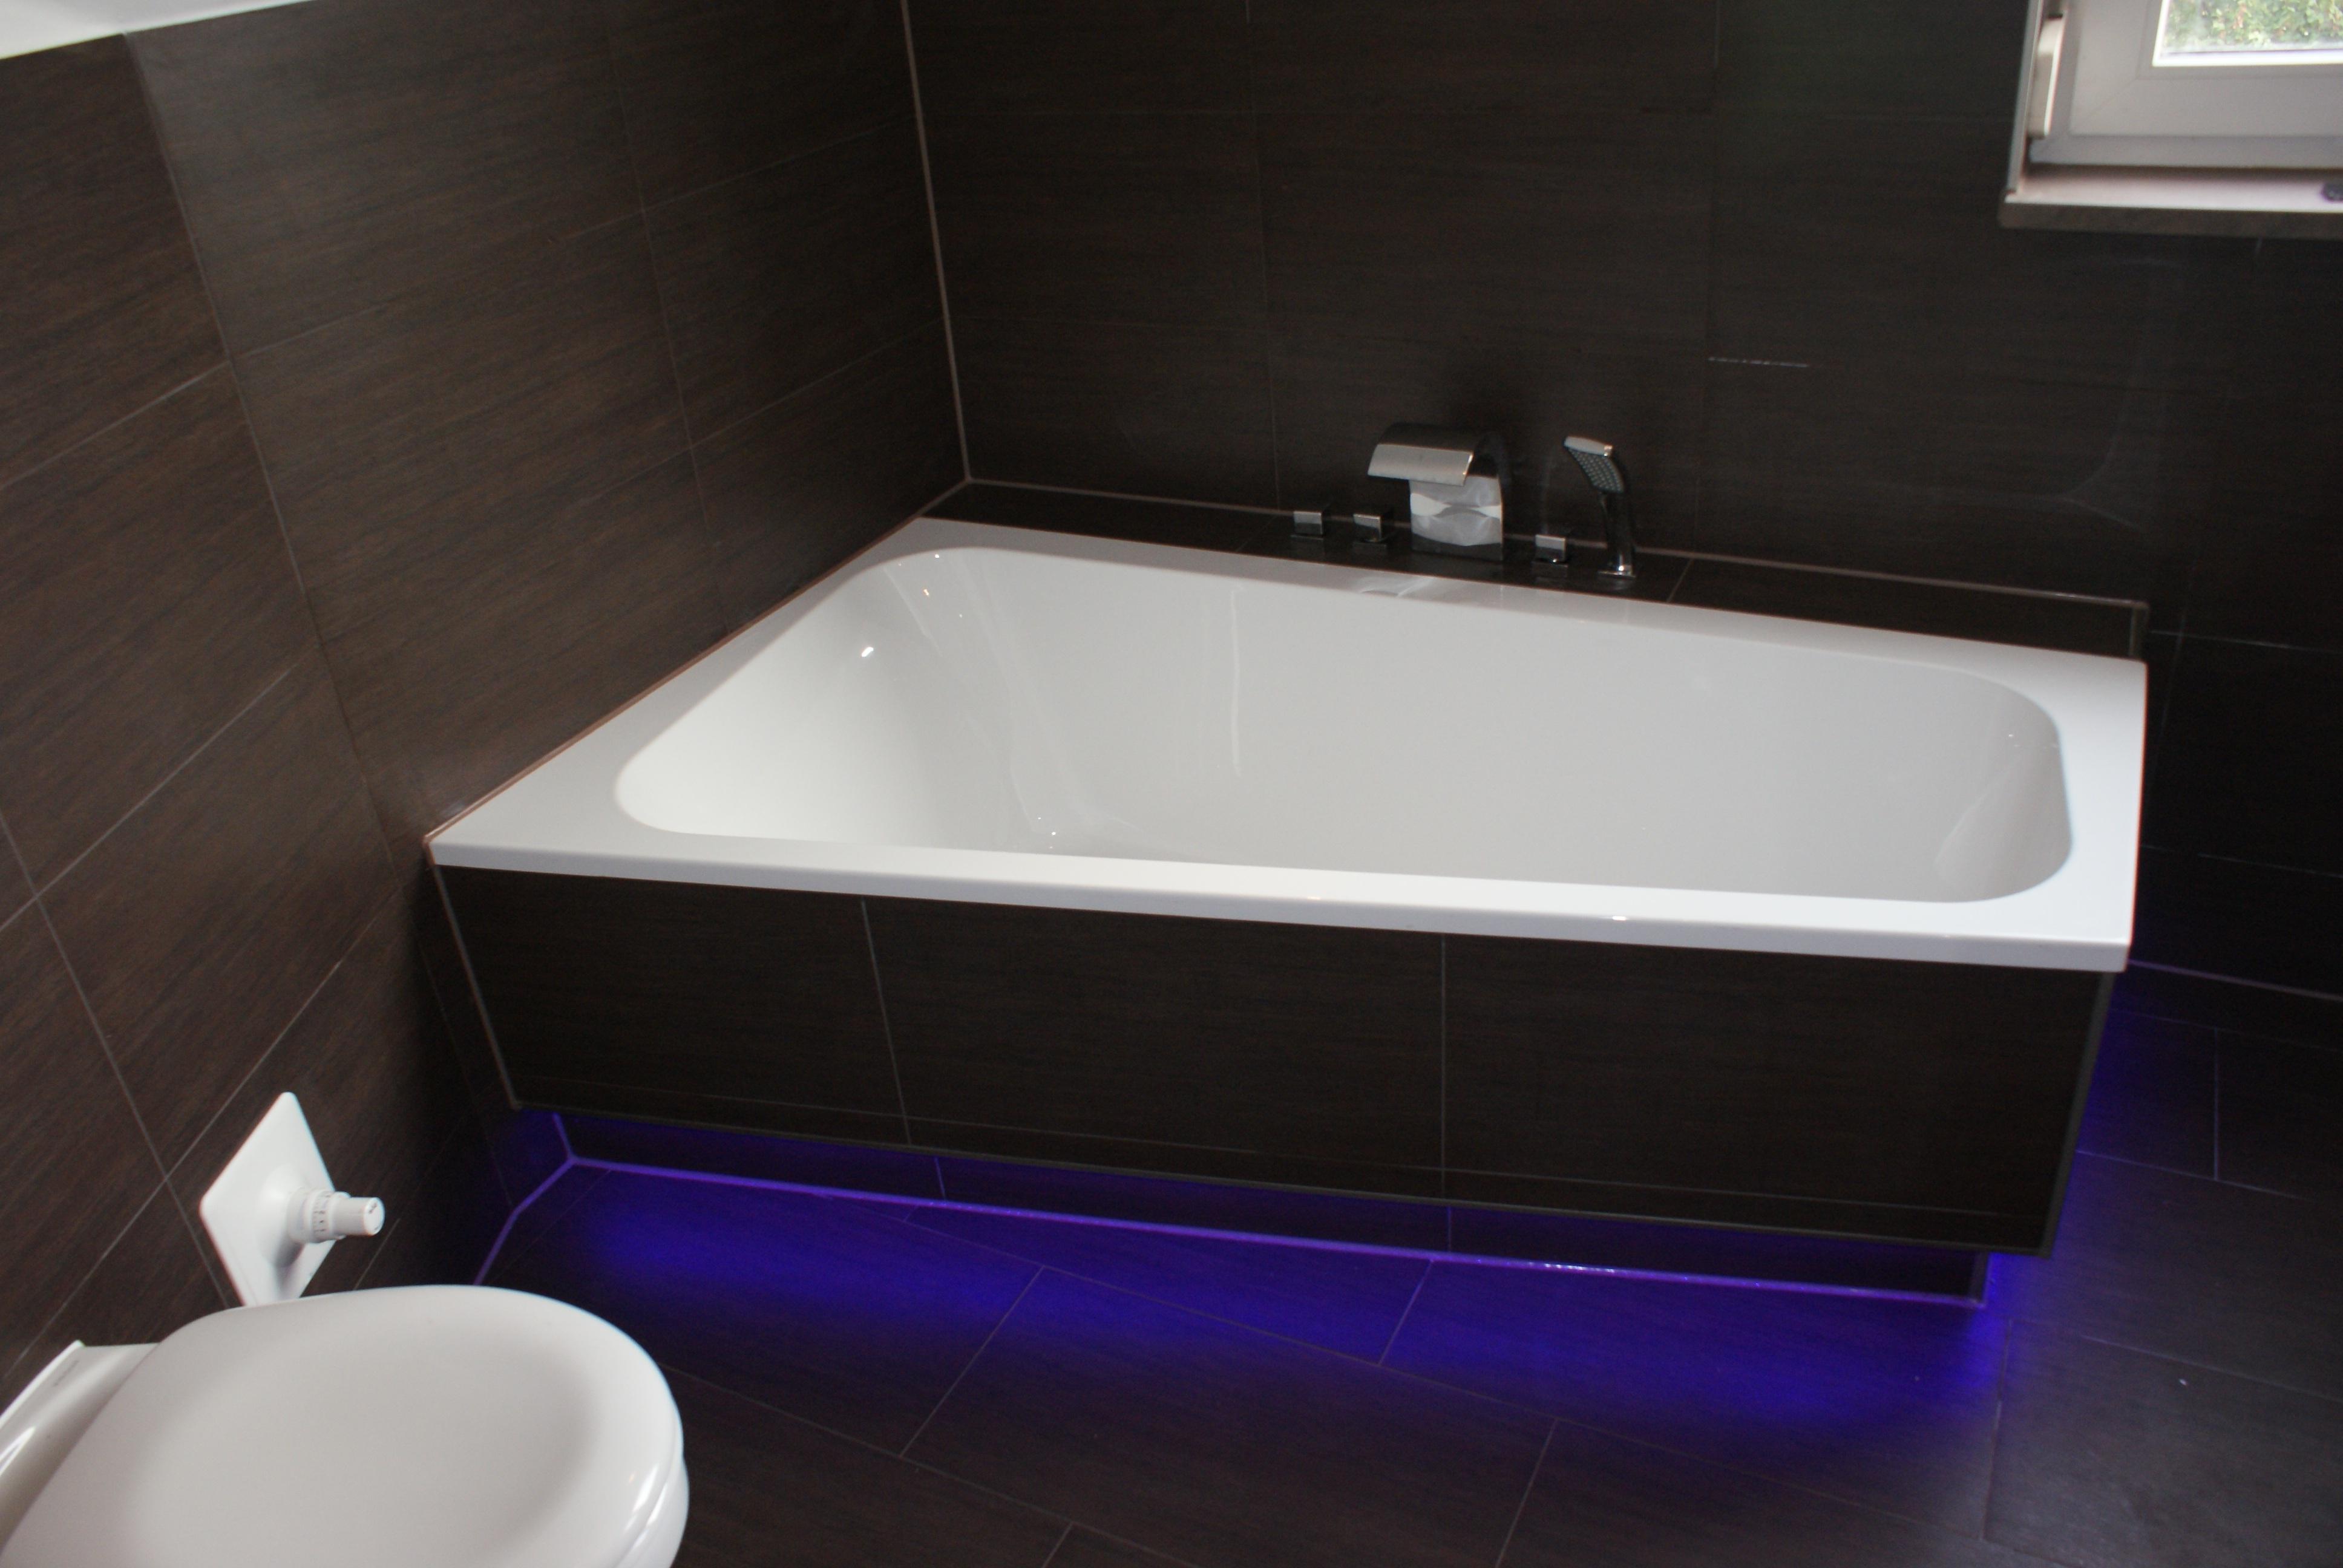 Swimming Pool Sink : Free images floor swimming pool sink room bathtub